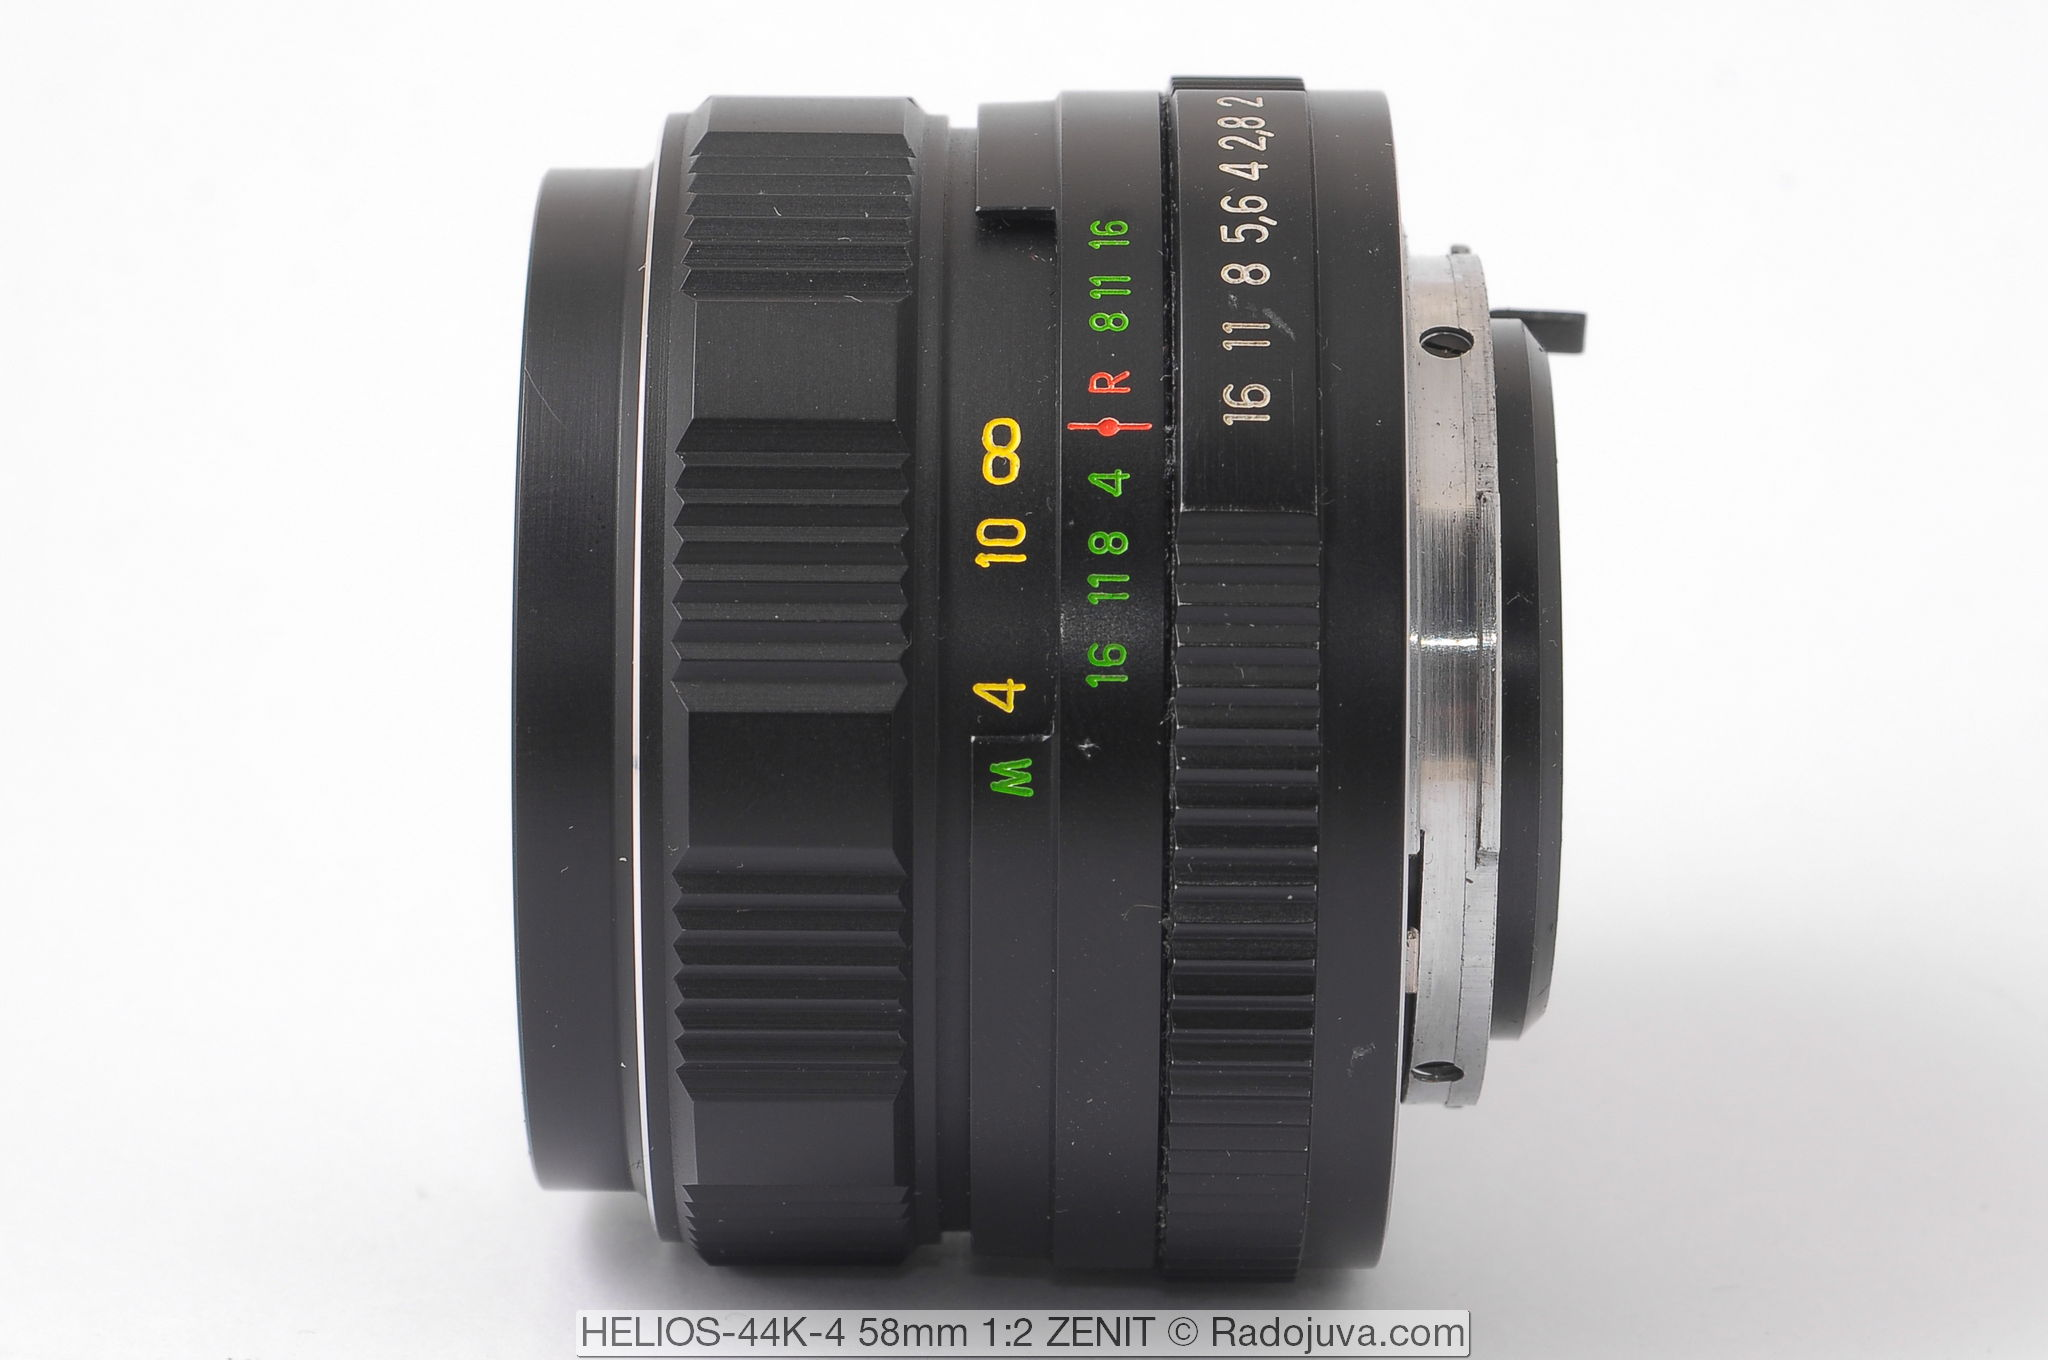 HELIOS-44K-4 58mm 1:2